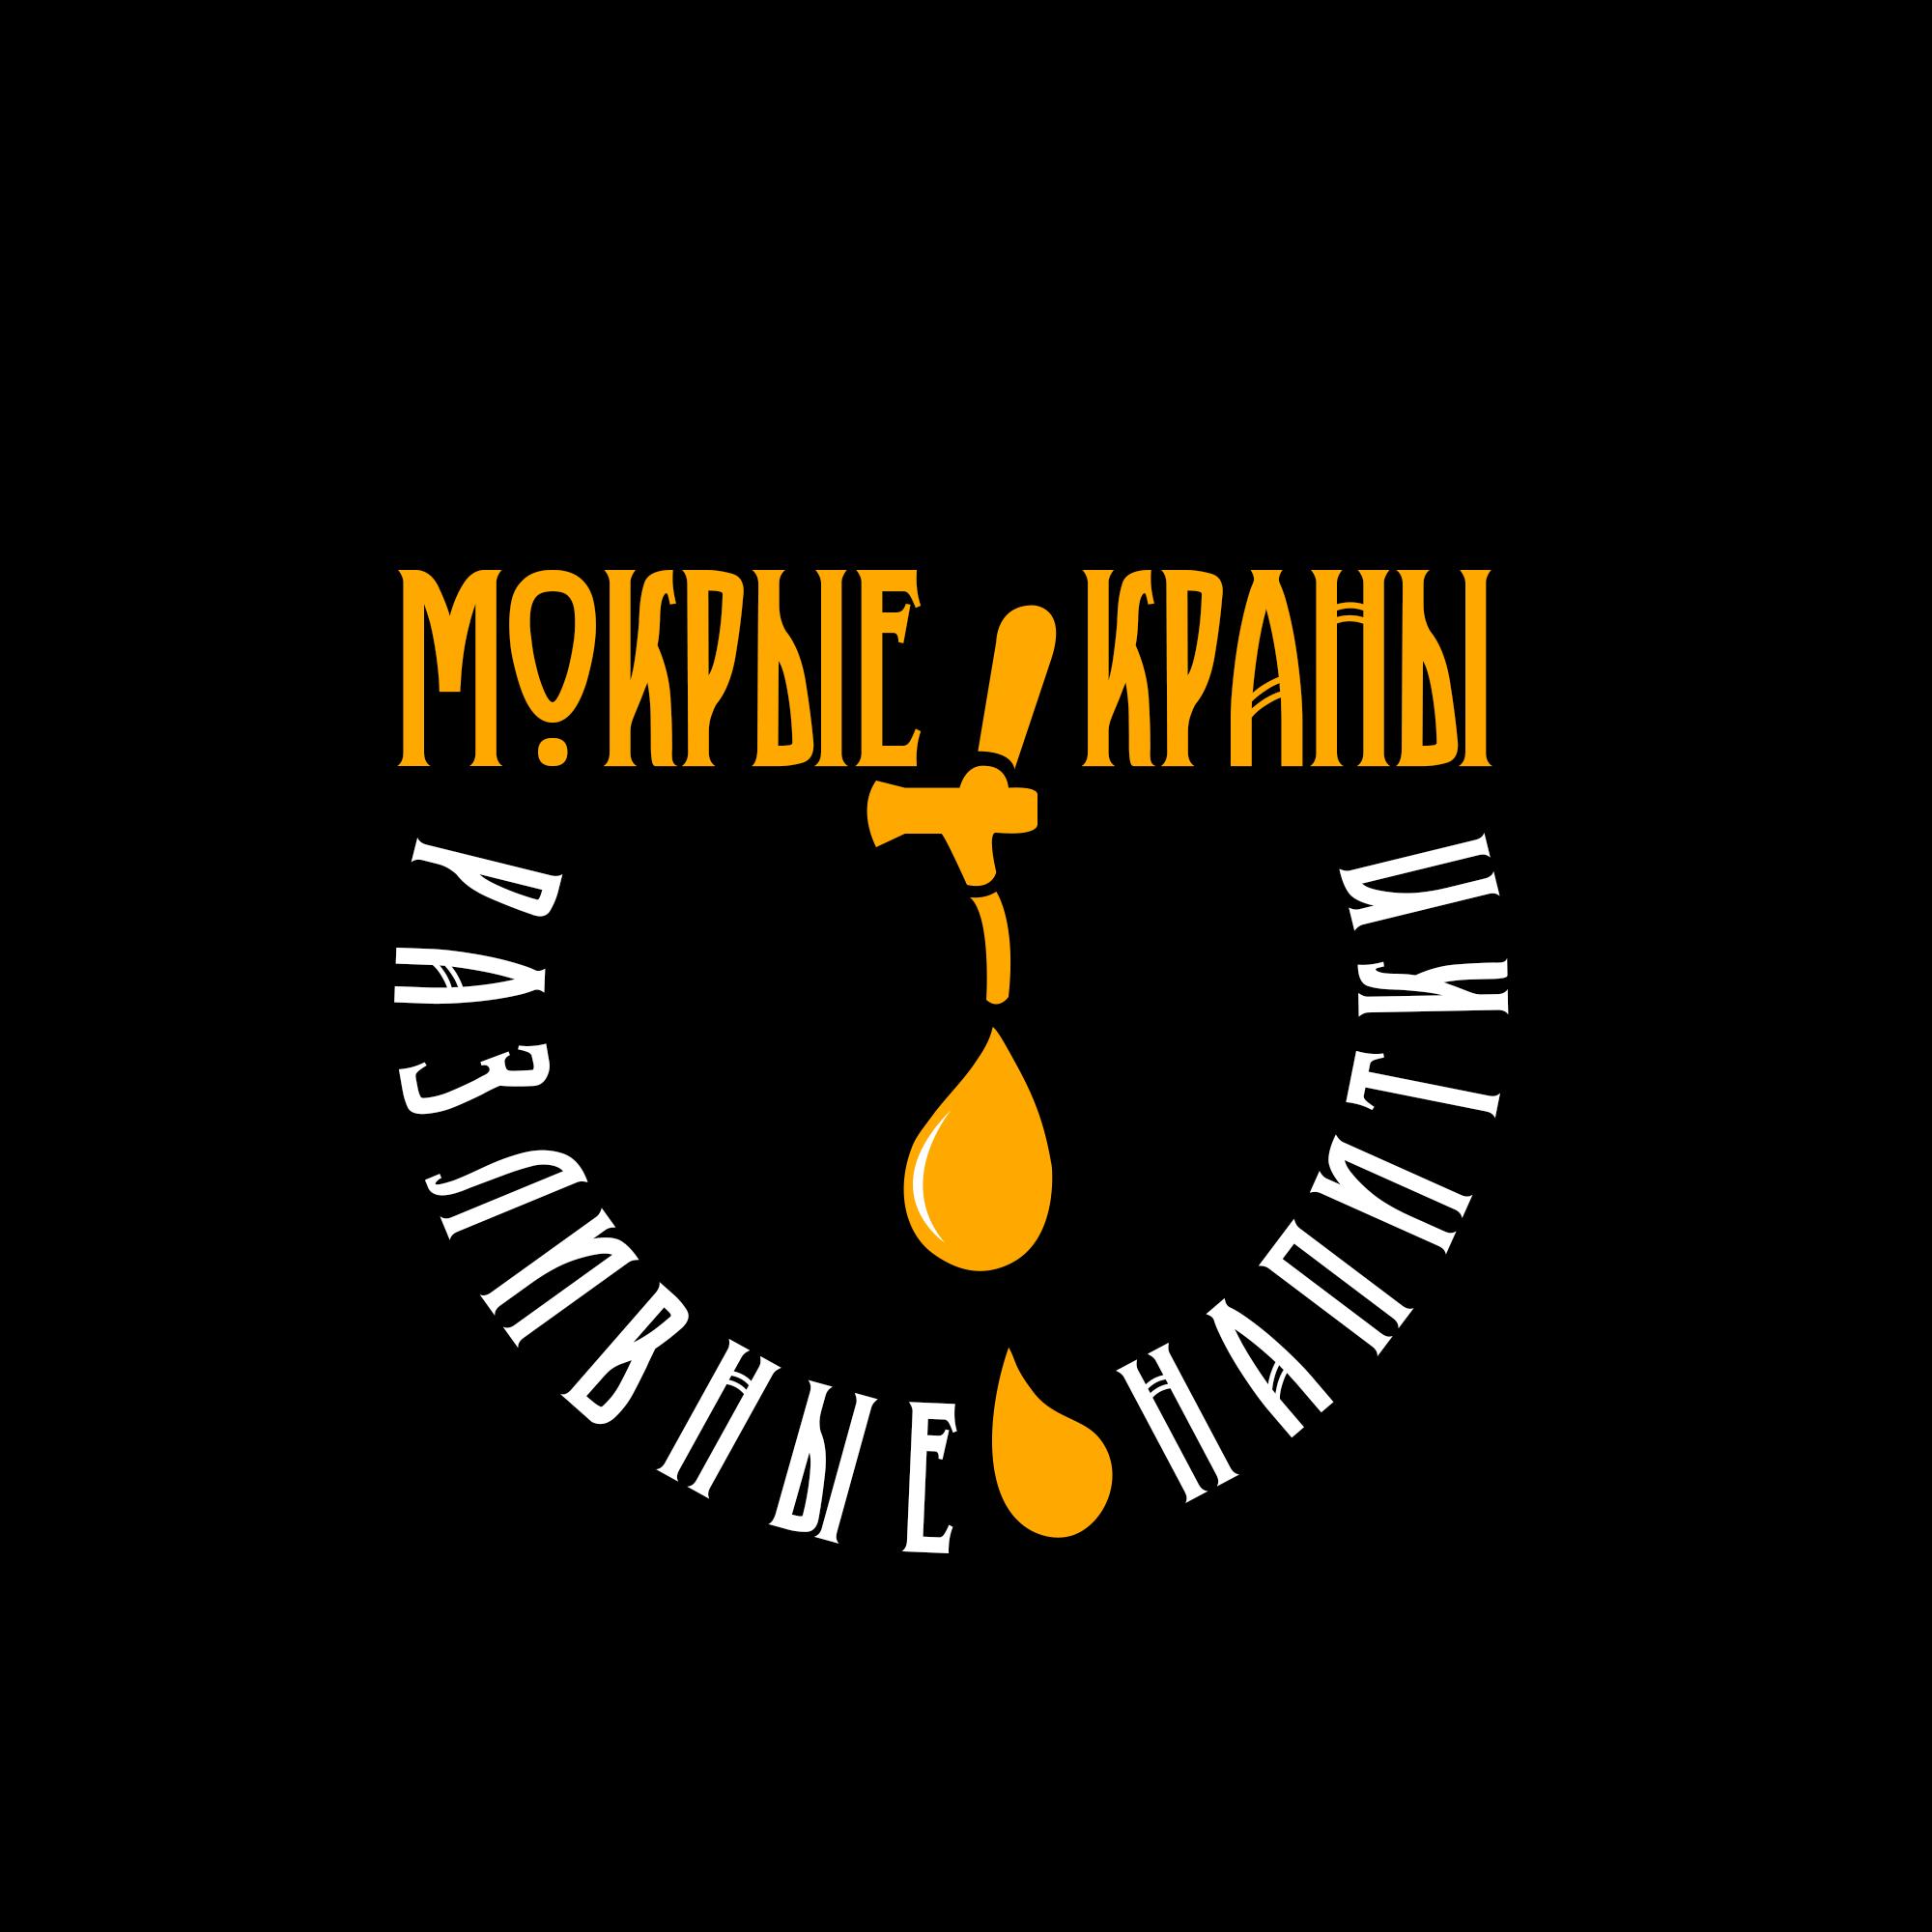 Вывеска/логотип для пивного магазина фото f_99660283da1b2395.png